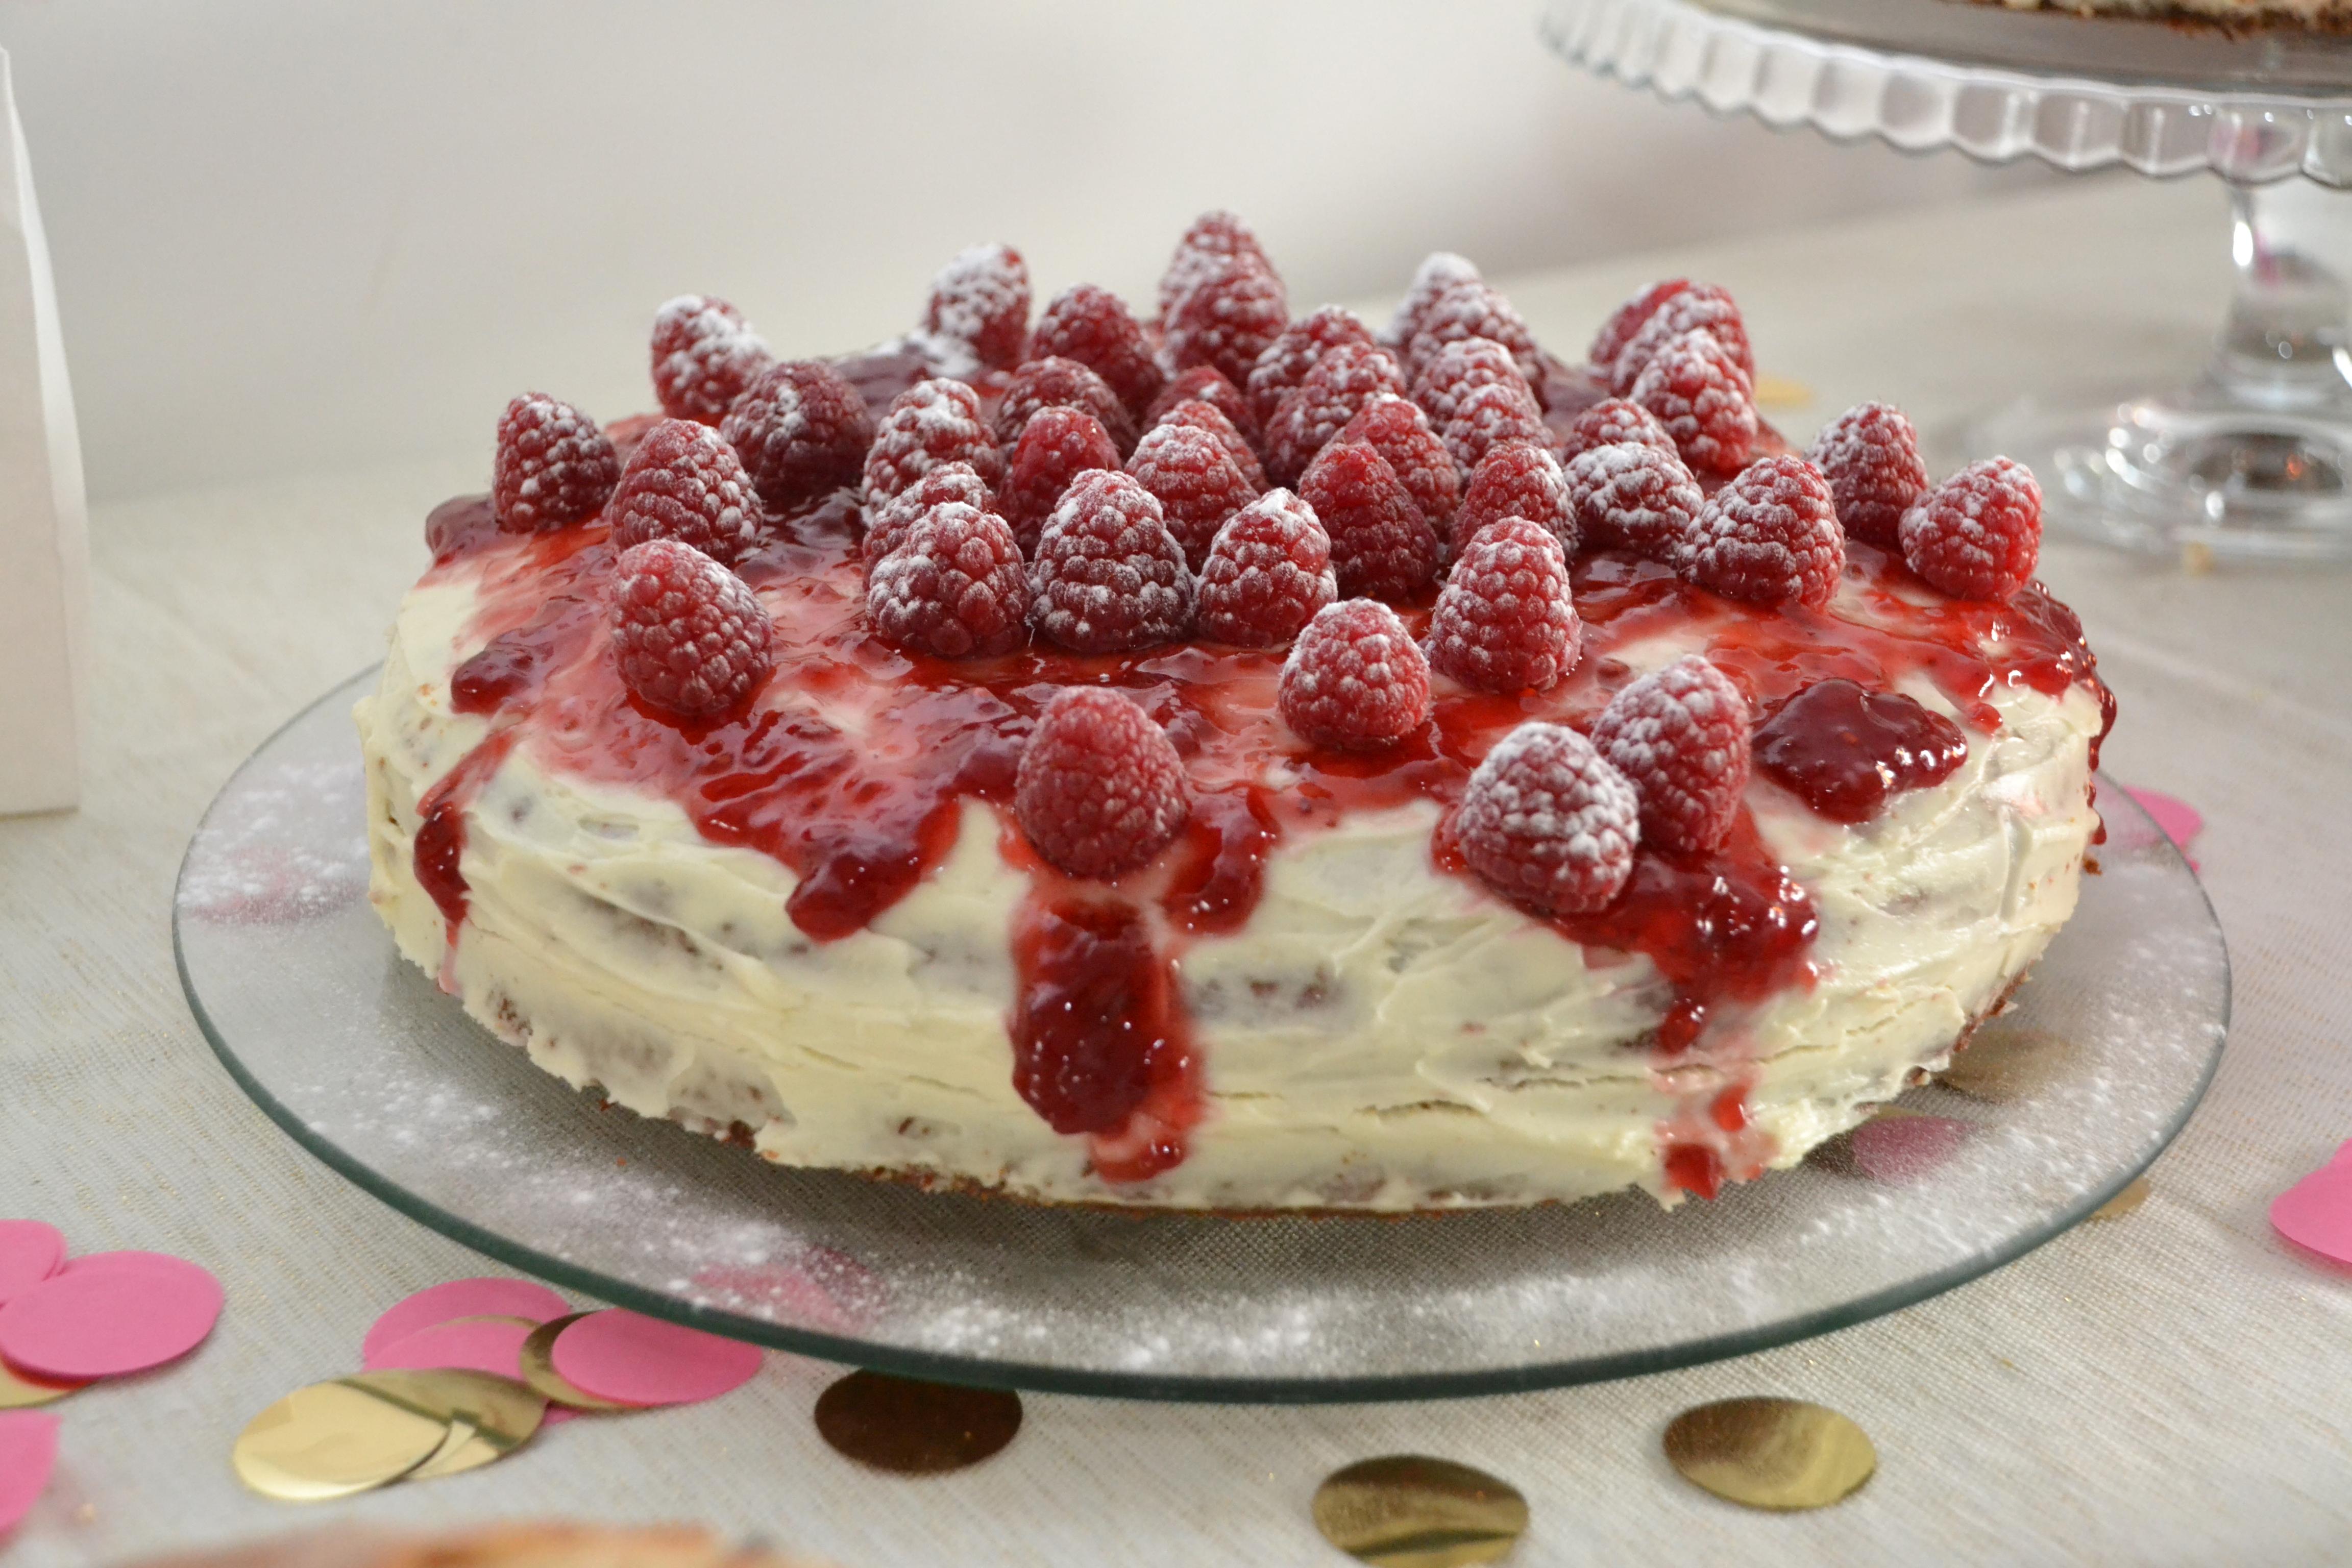 frambozencake topping frambozen poedersuiker creme wit cake kokos